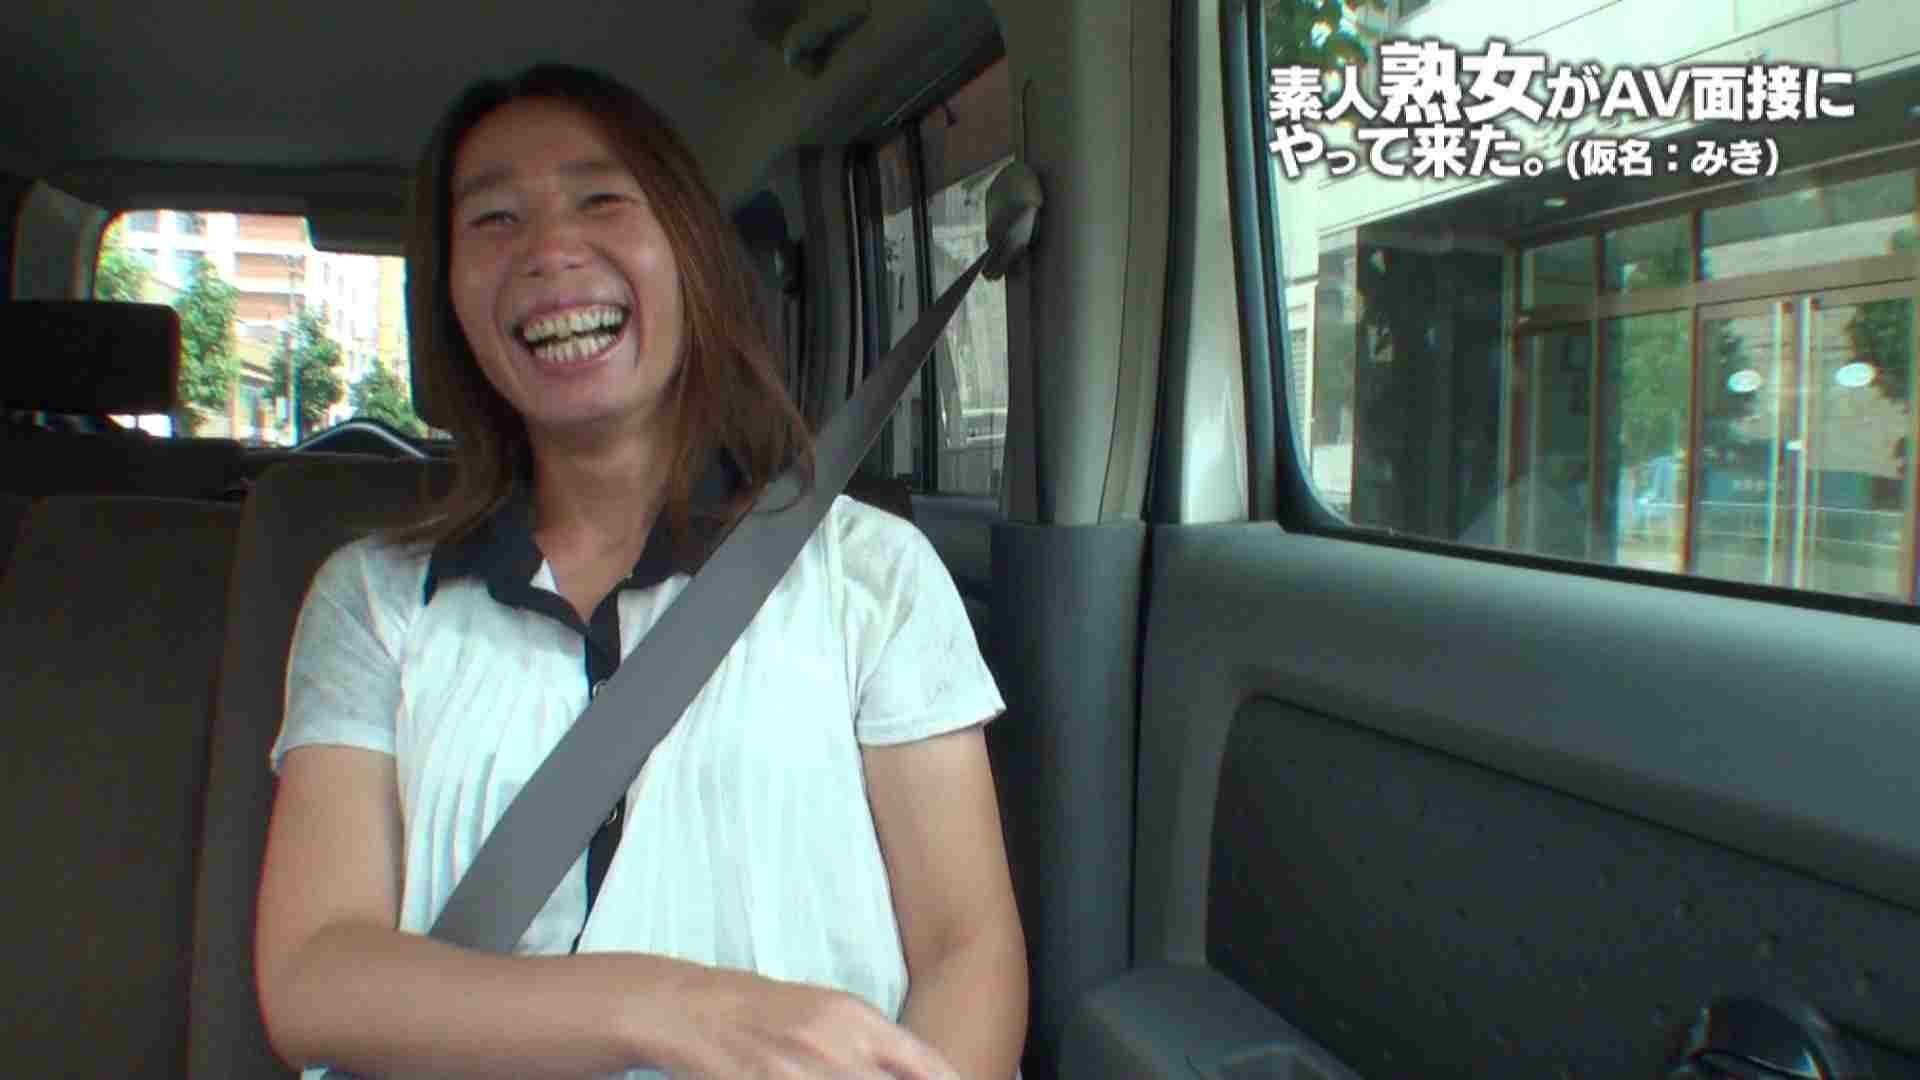 素人熟女がAV面接にやってきた (熟女)みきさんVOL.01 熟女のエッチ 盗み撮り動画 94pic 84